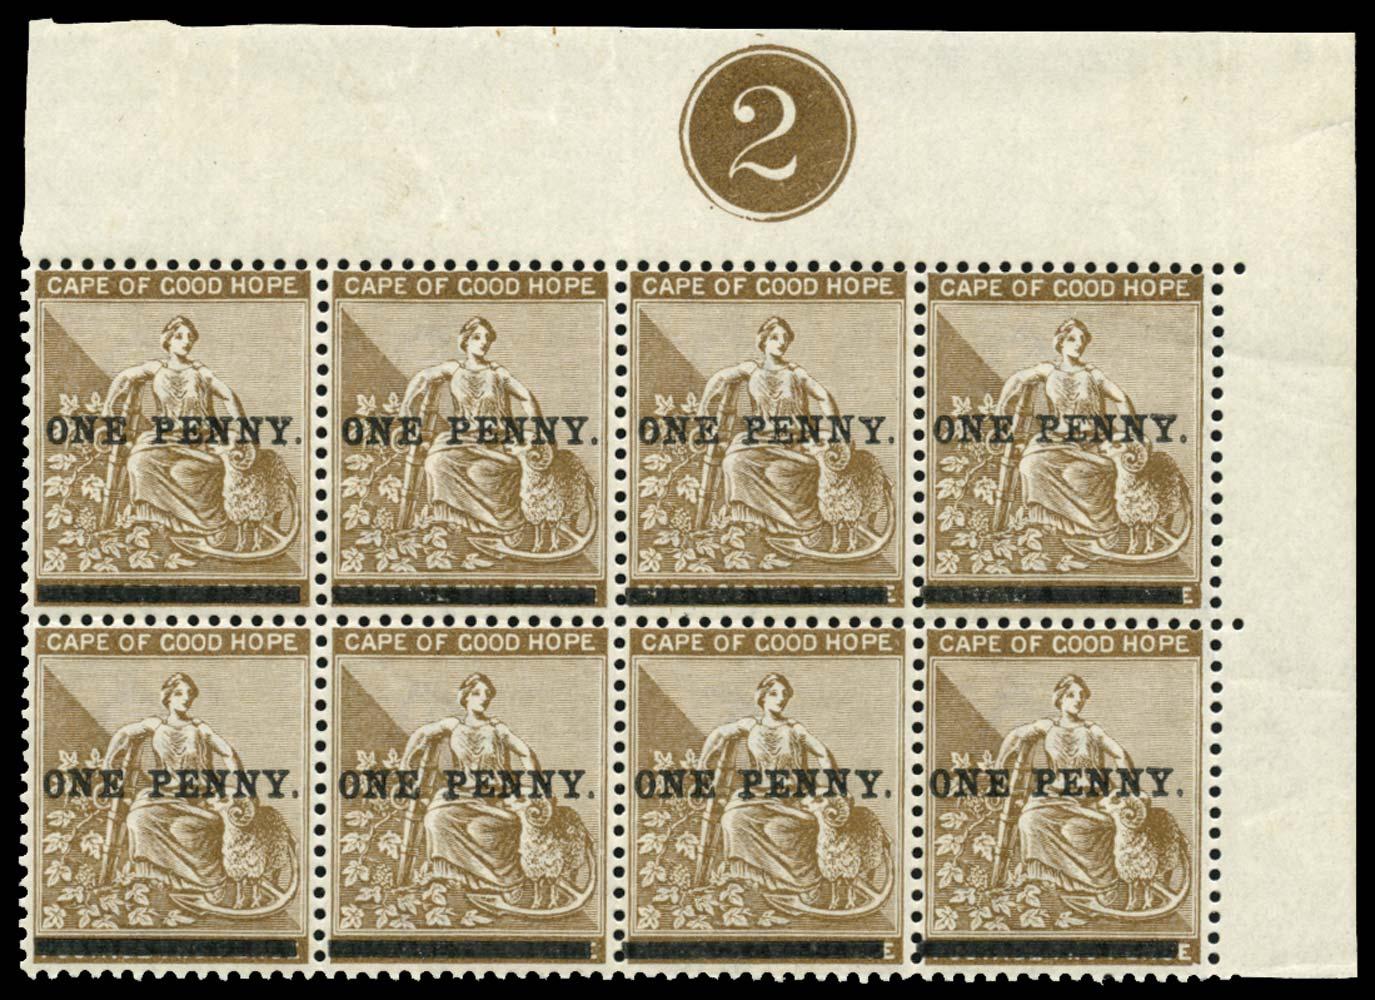 CAPE OF GOOD HOPE 1893  SG57a Mint